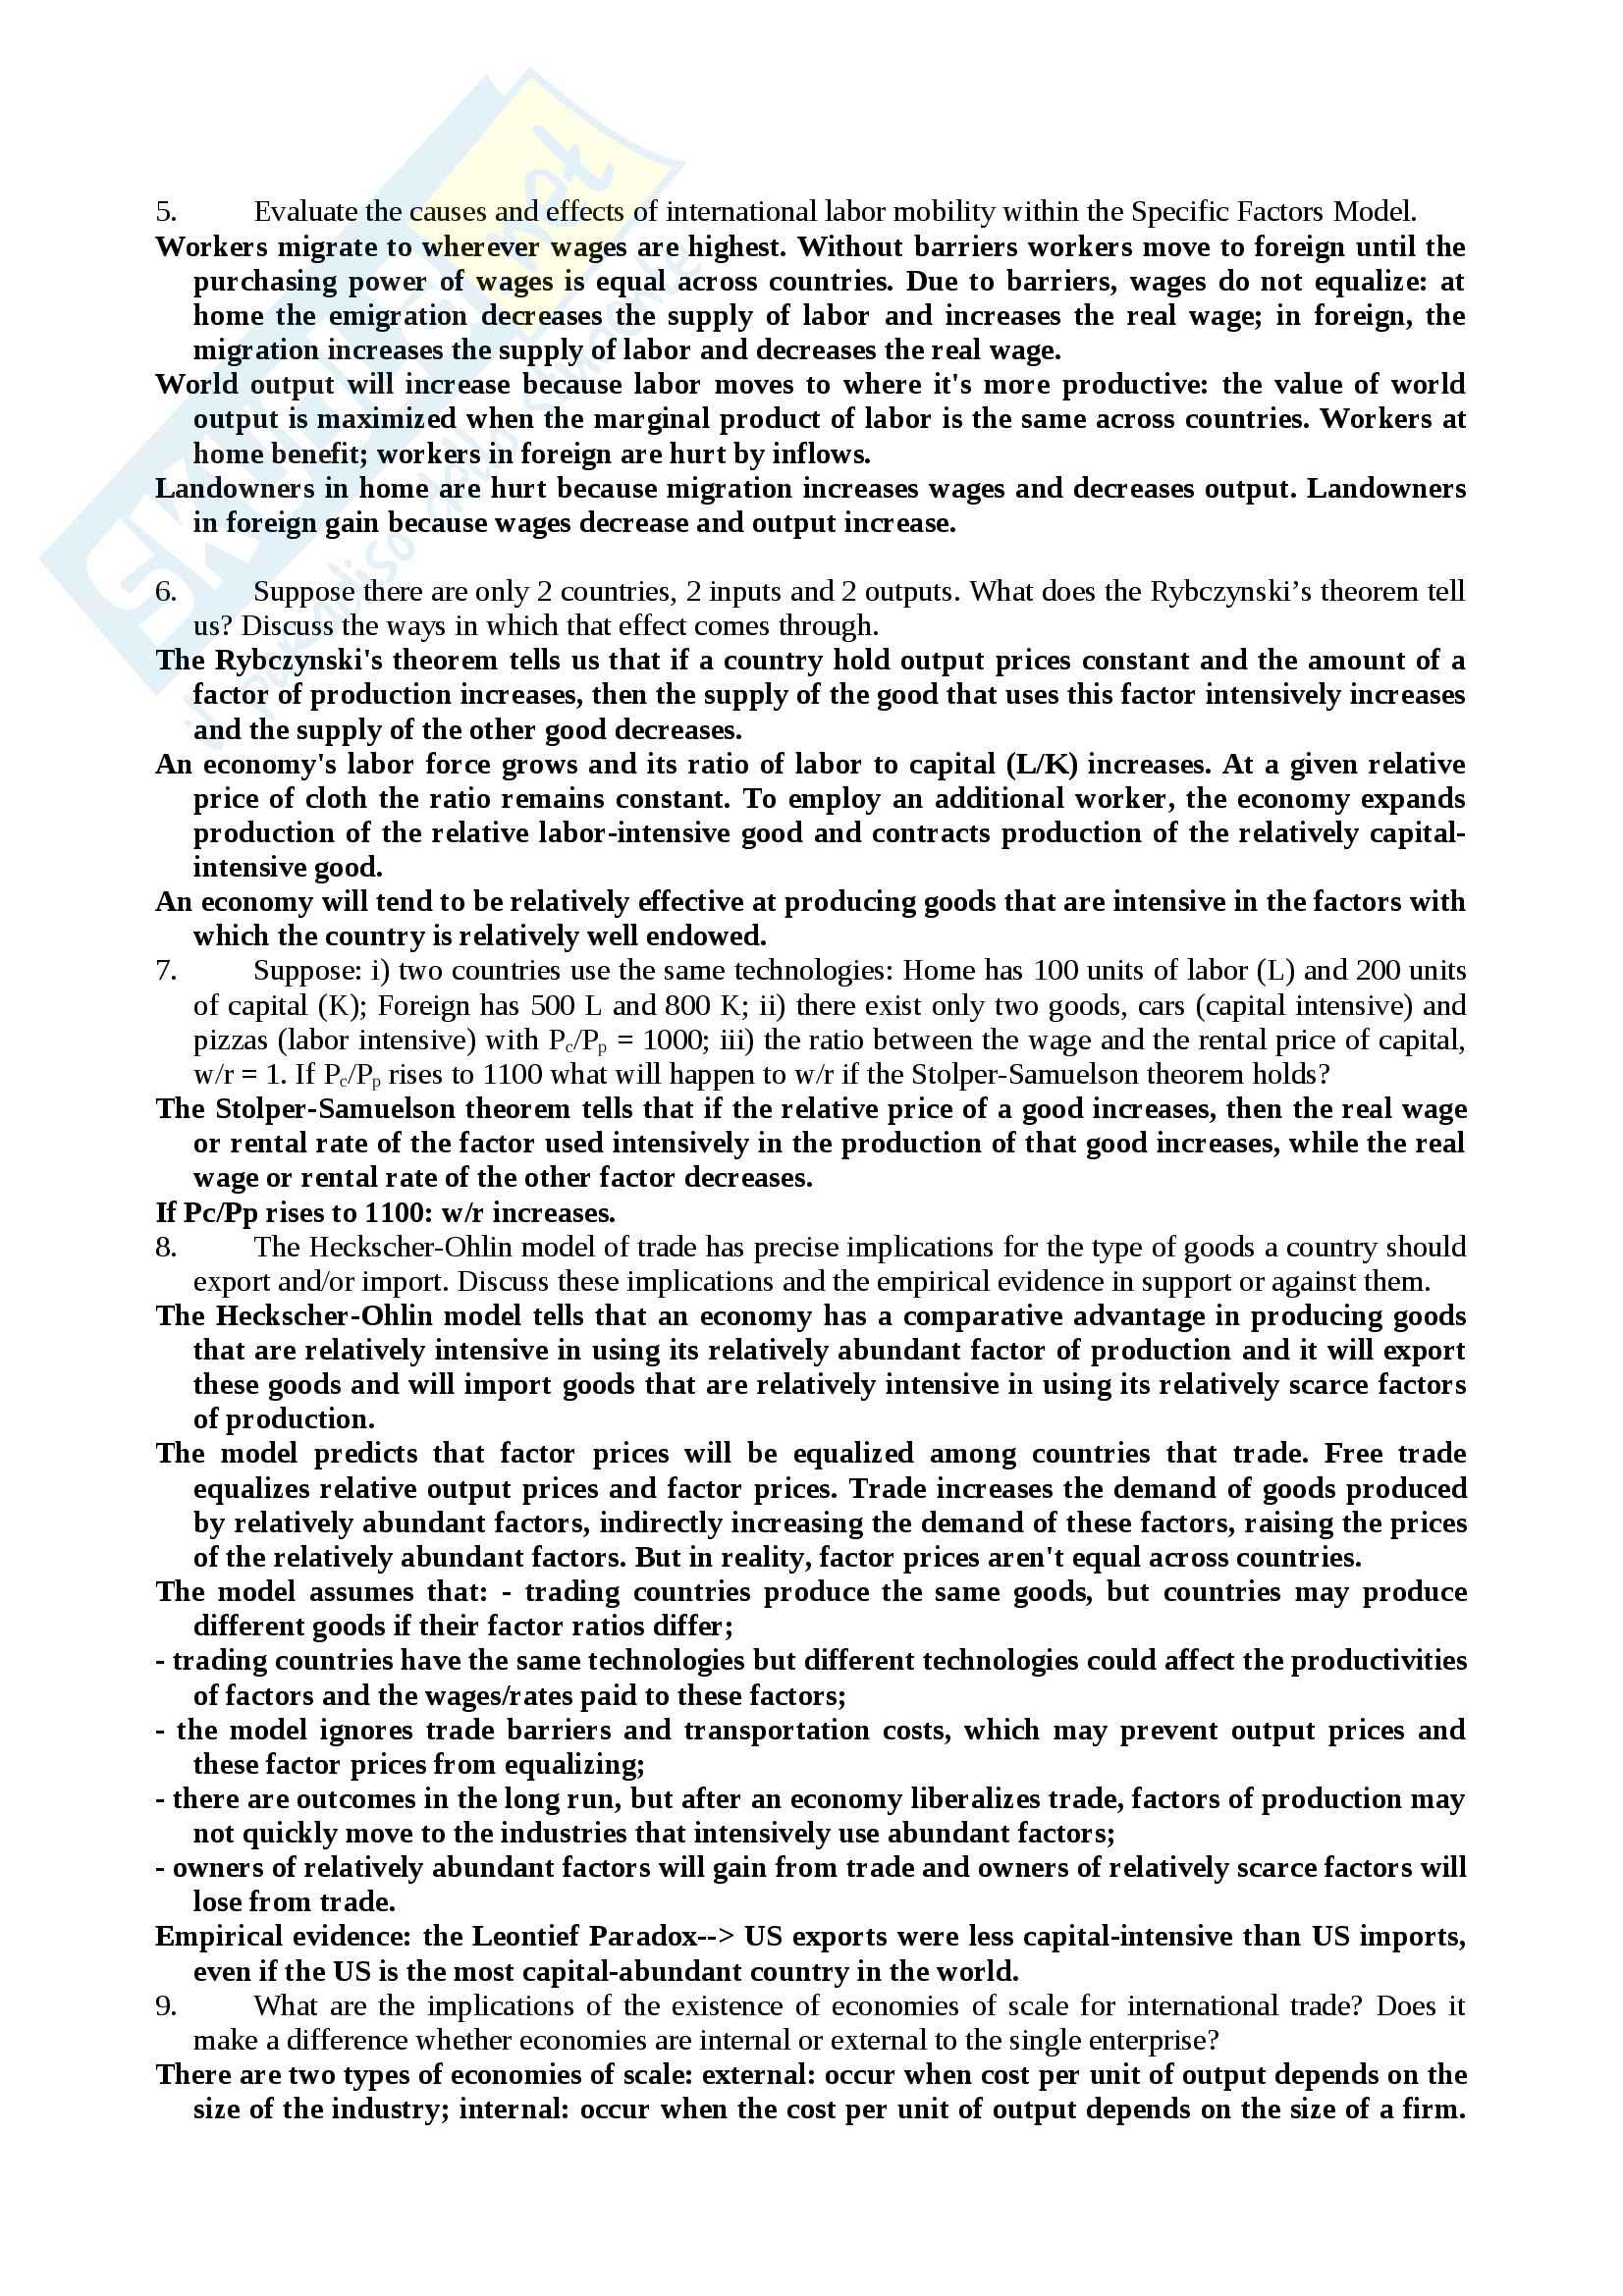 Domande e risposte esame prof Ferri Pag. 2